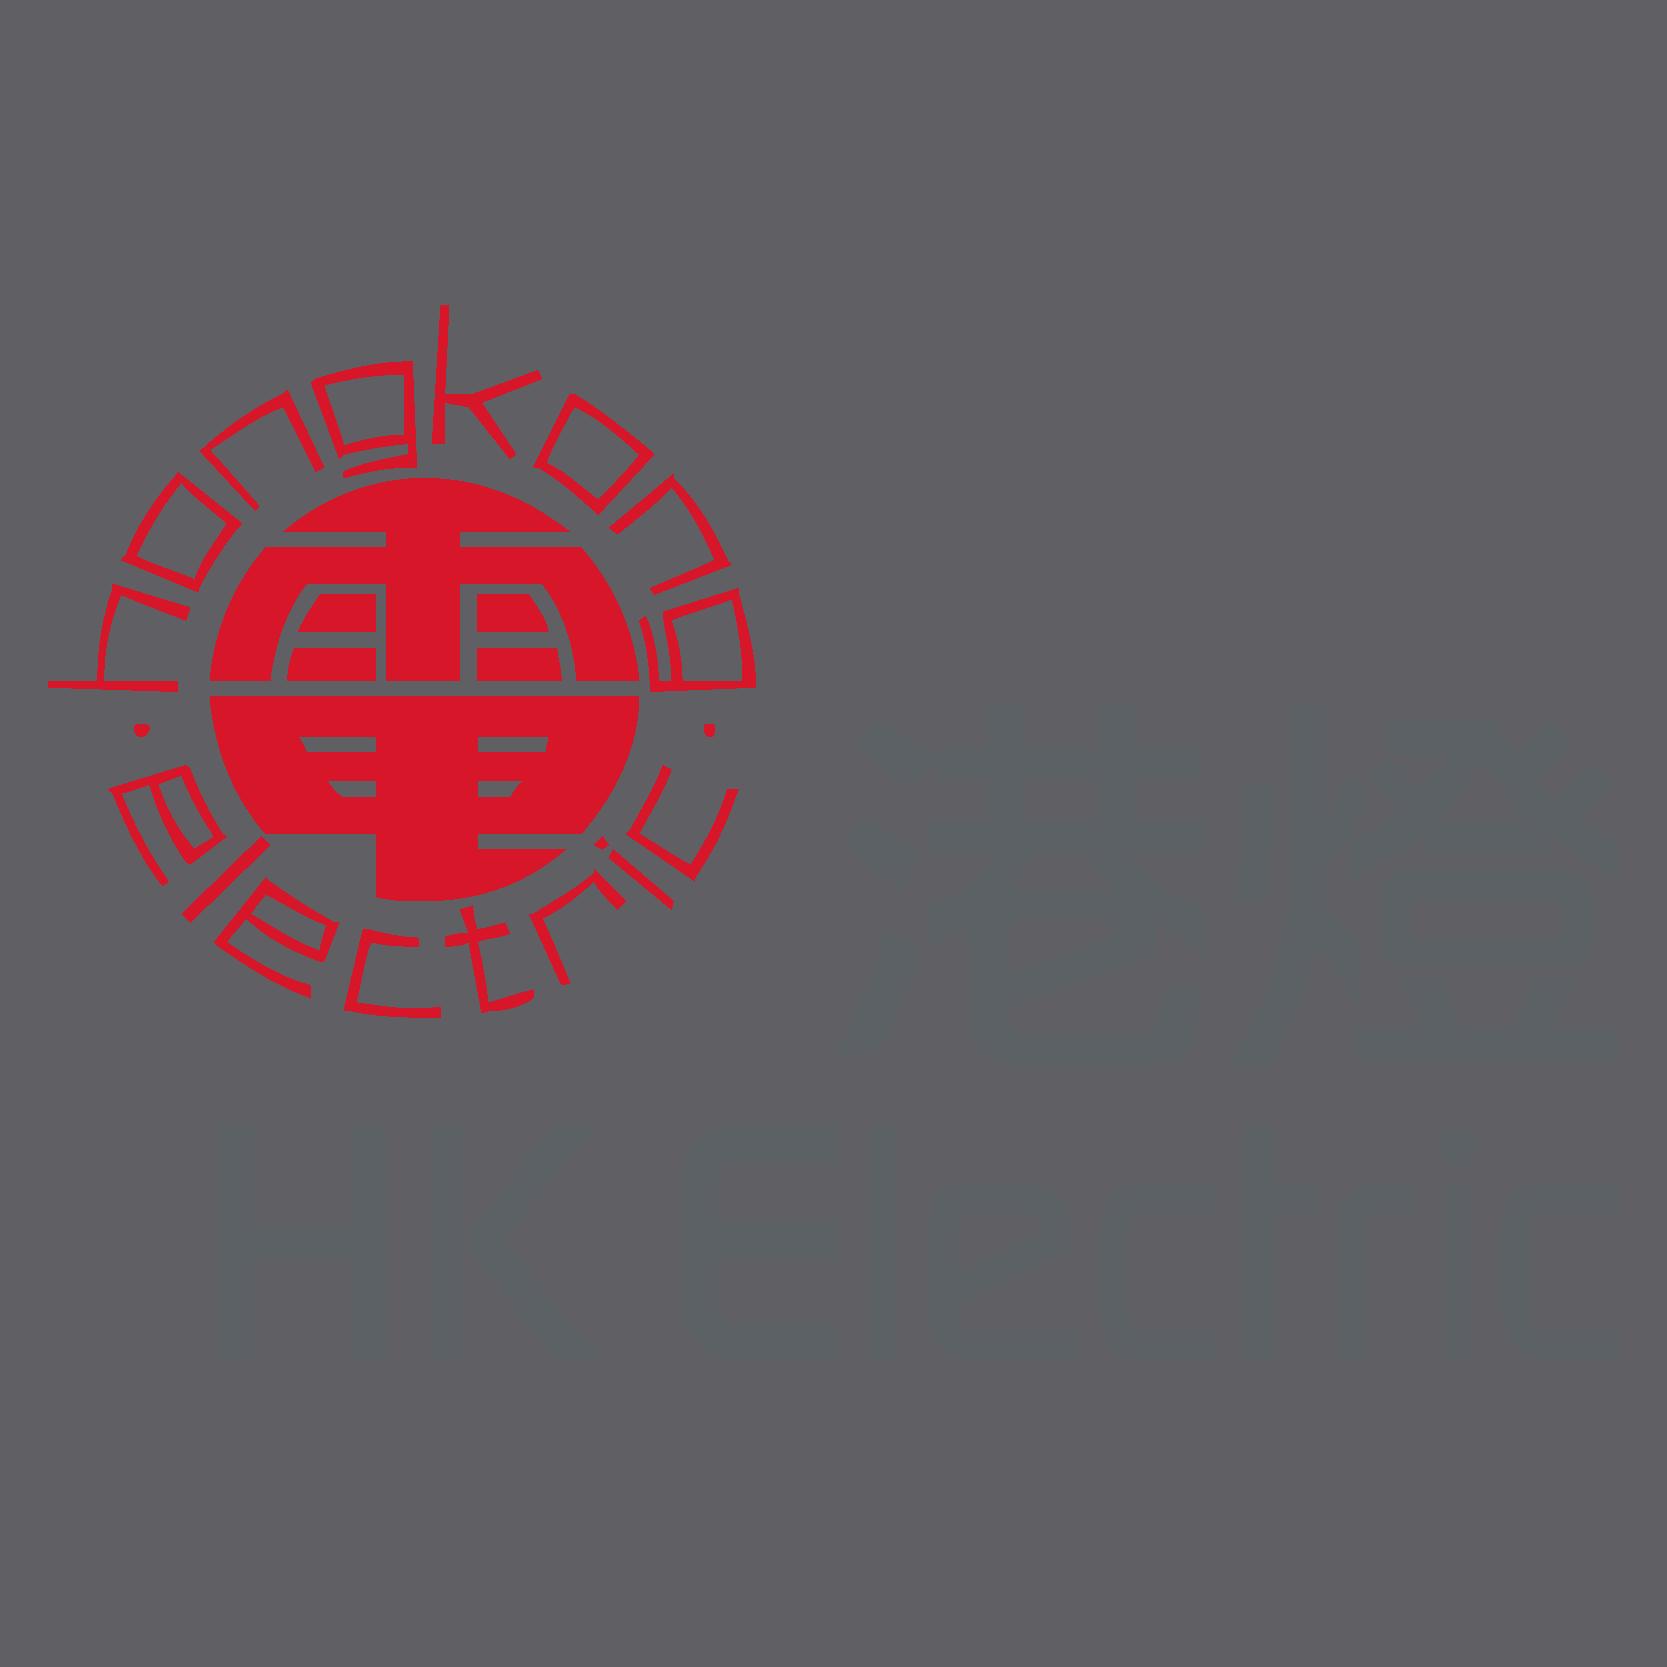 Hongkong Electric Company Logo (HEC) png